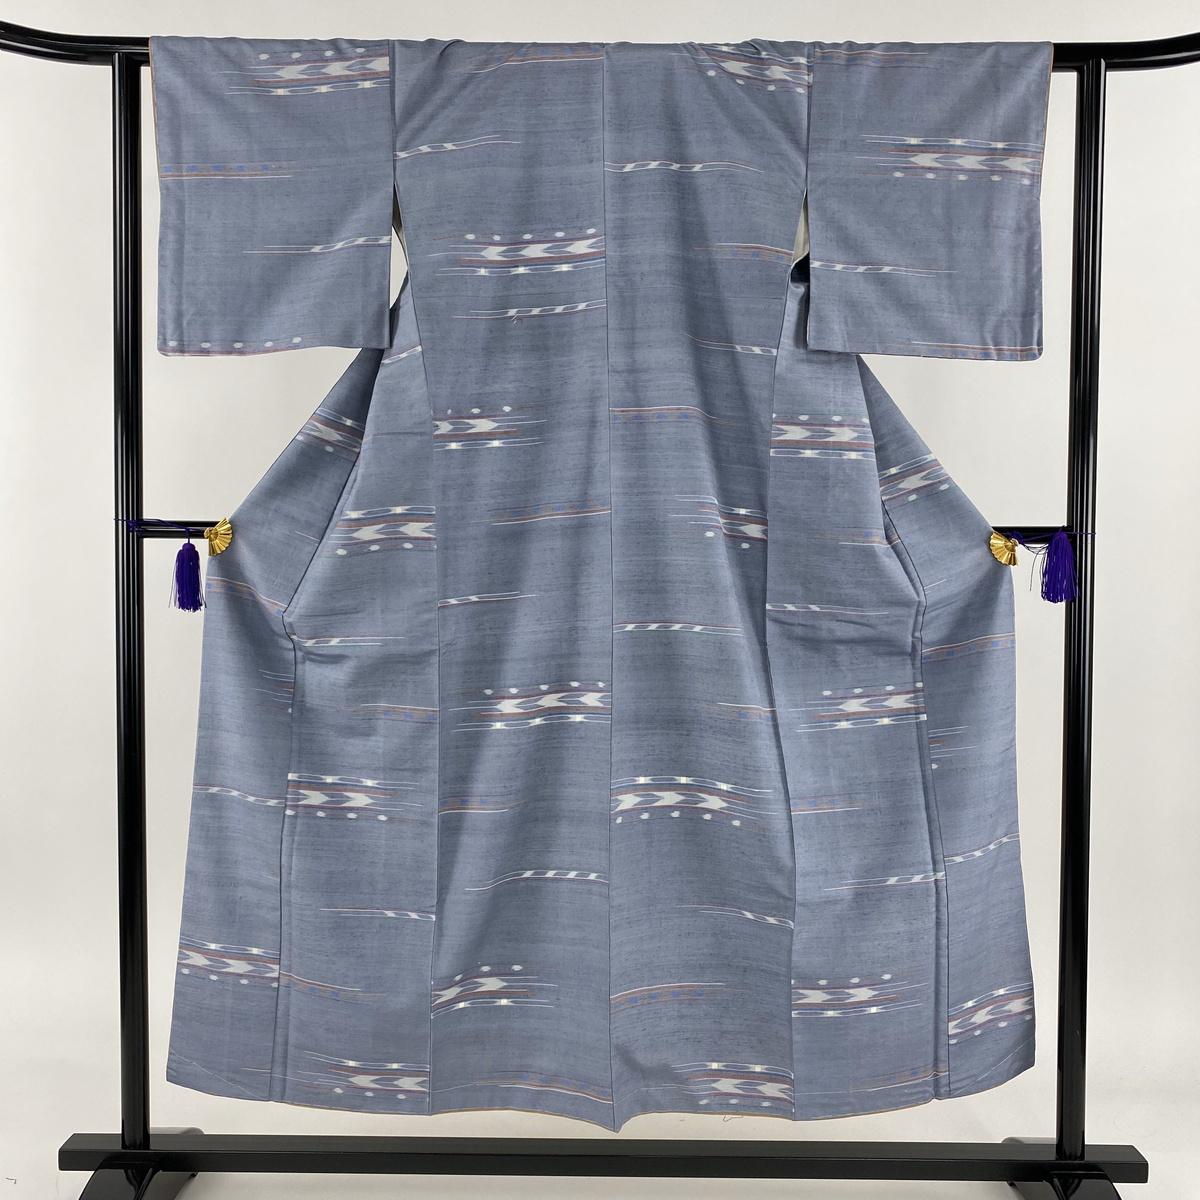 紬 美品 秀品 矢羽 幾何学 青灰色 袷 身丈152cm 裄丈62.5cm S 正絹 【中古】